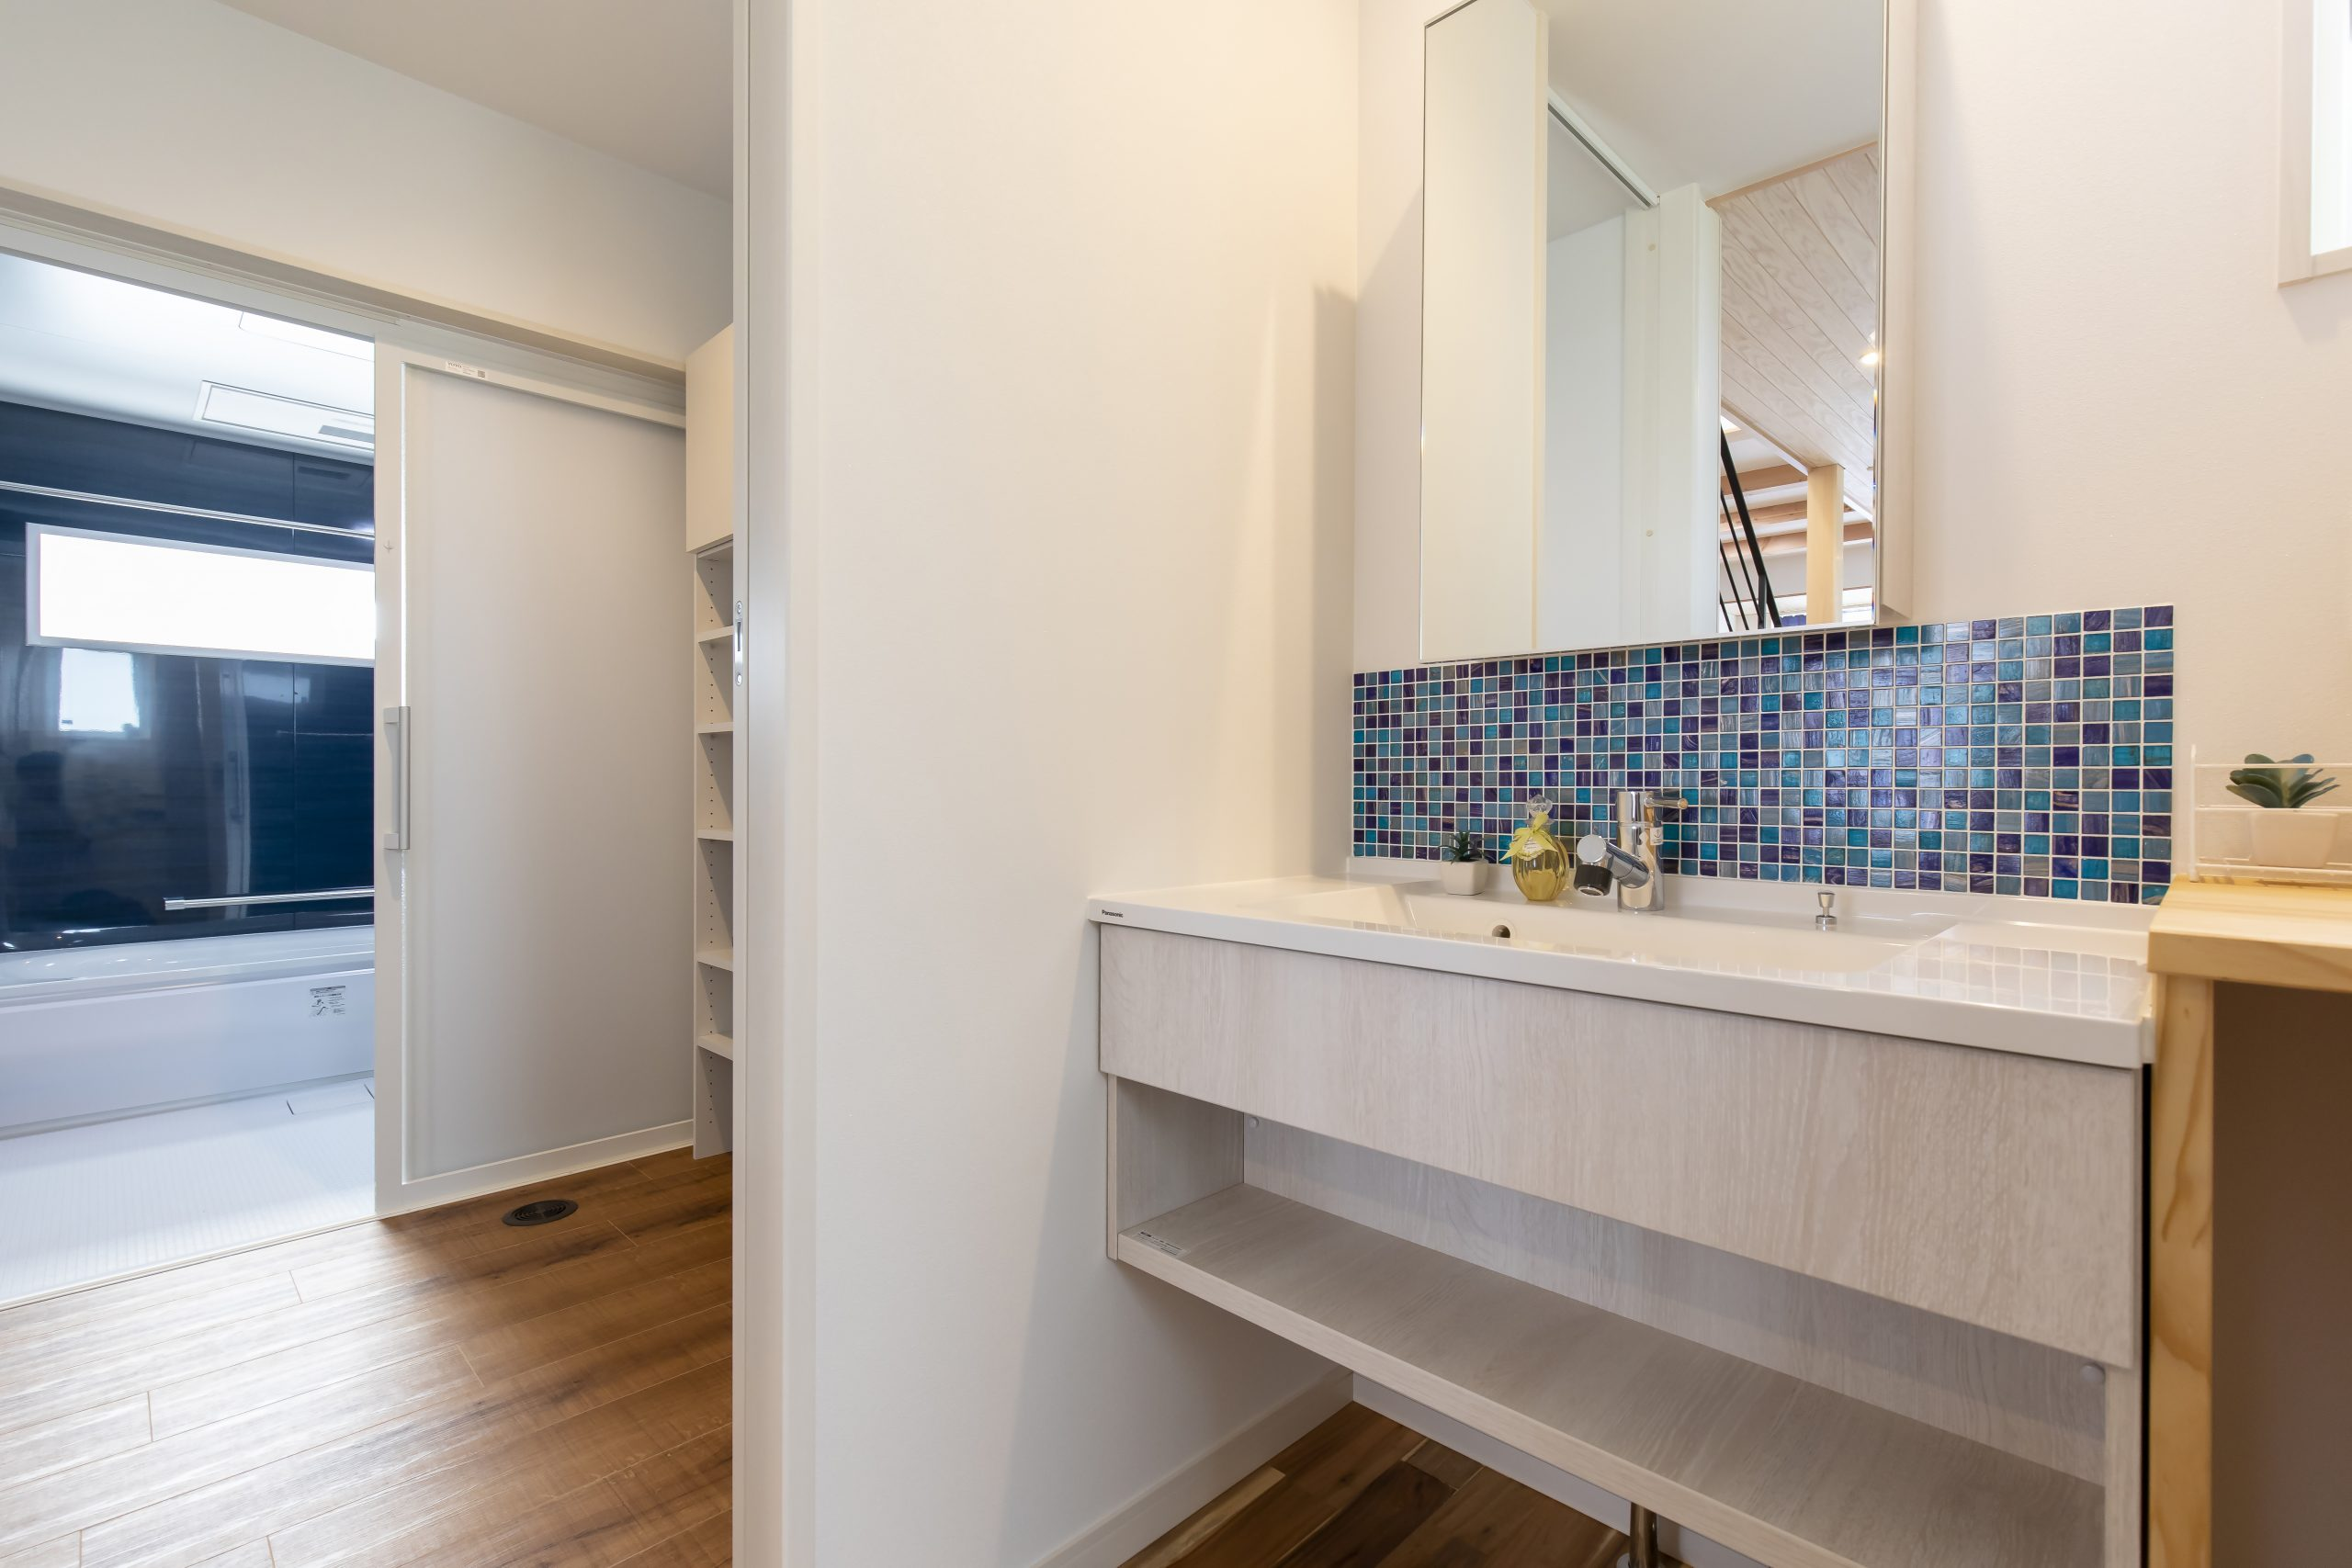 注文住宅で採用したいおしゃれで使いやすい洗面所づくり